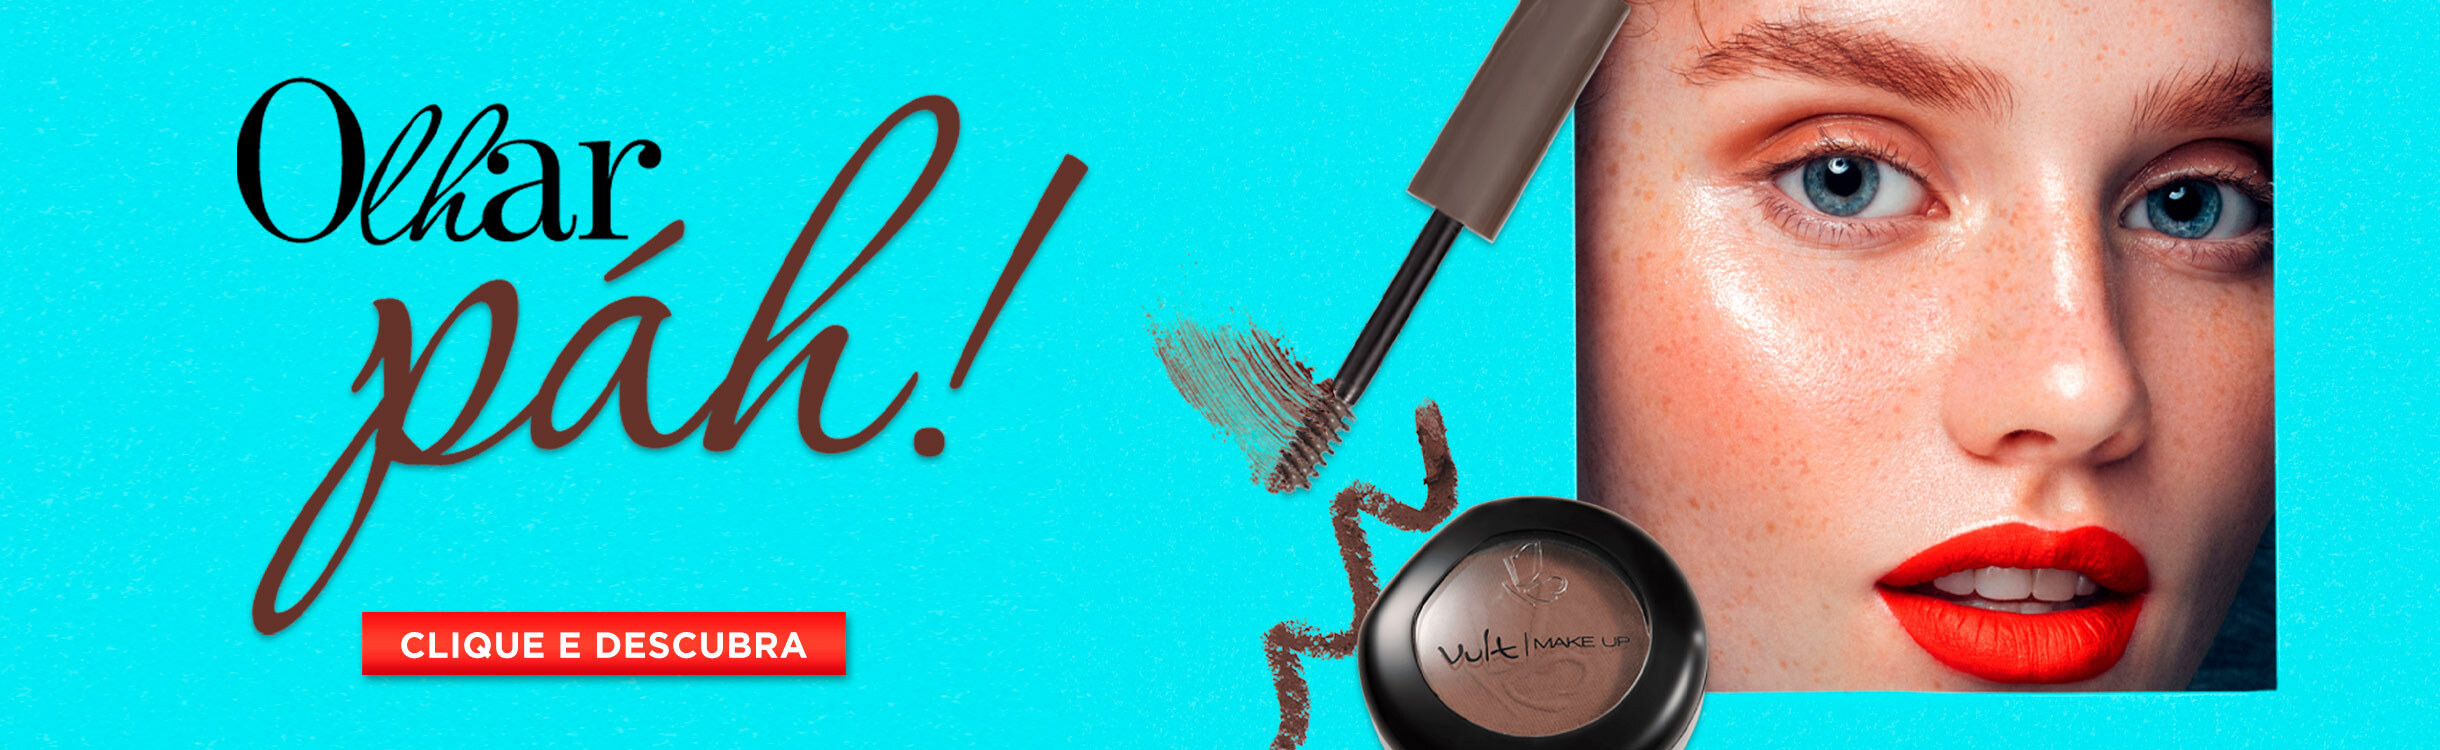 Maquiagem Vult para Sobrancelhas